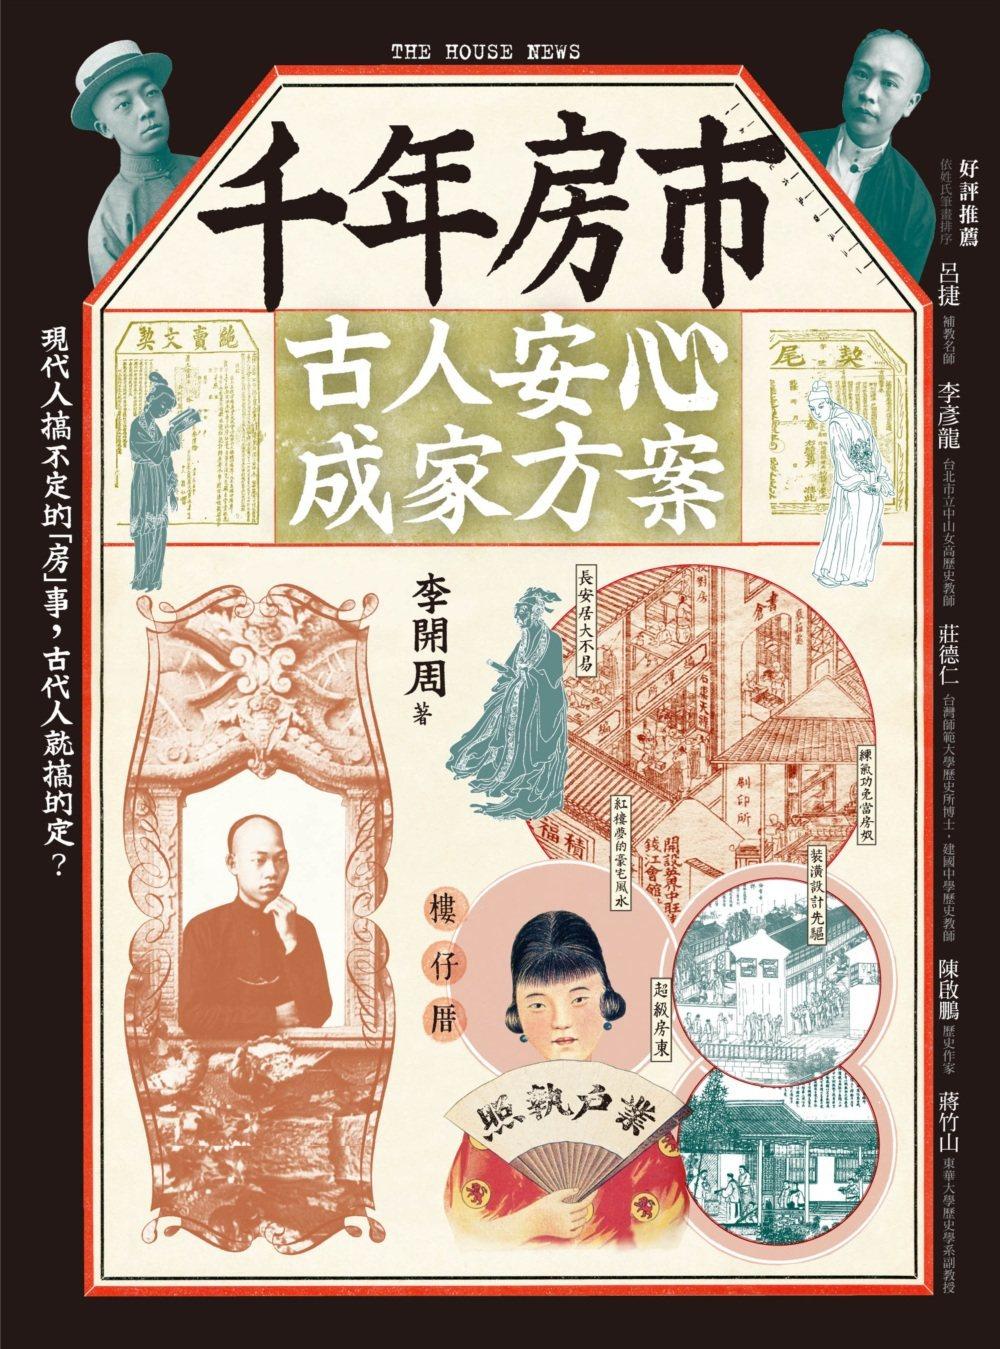 「千年房市」研究中國各朝代的房價。圖/貓頭鷹提供